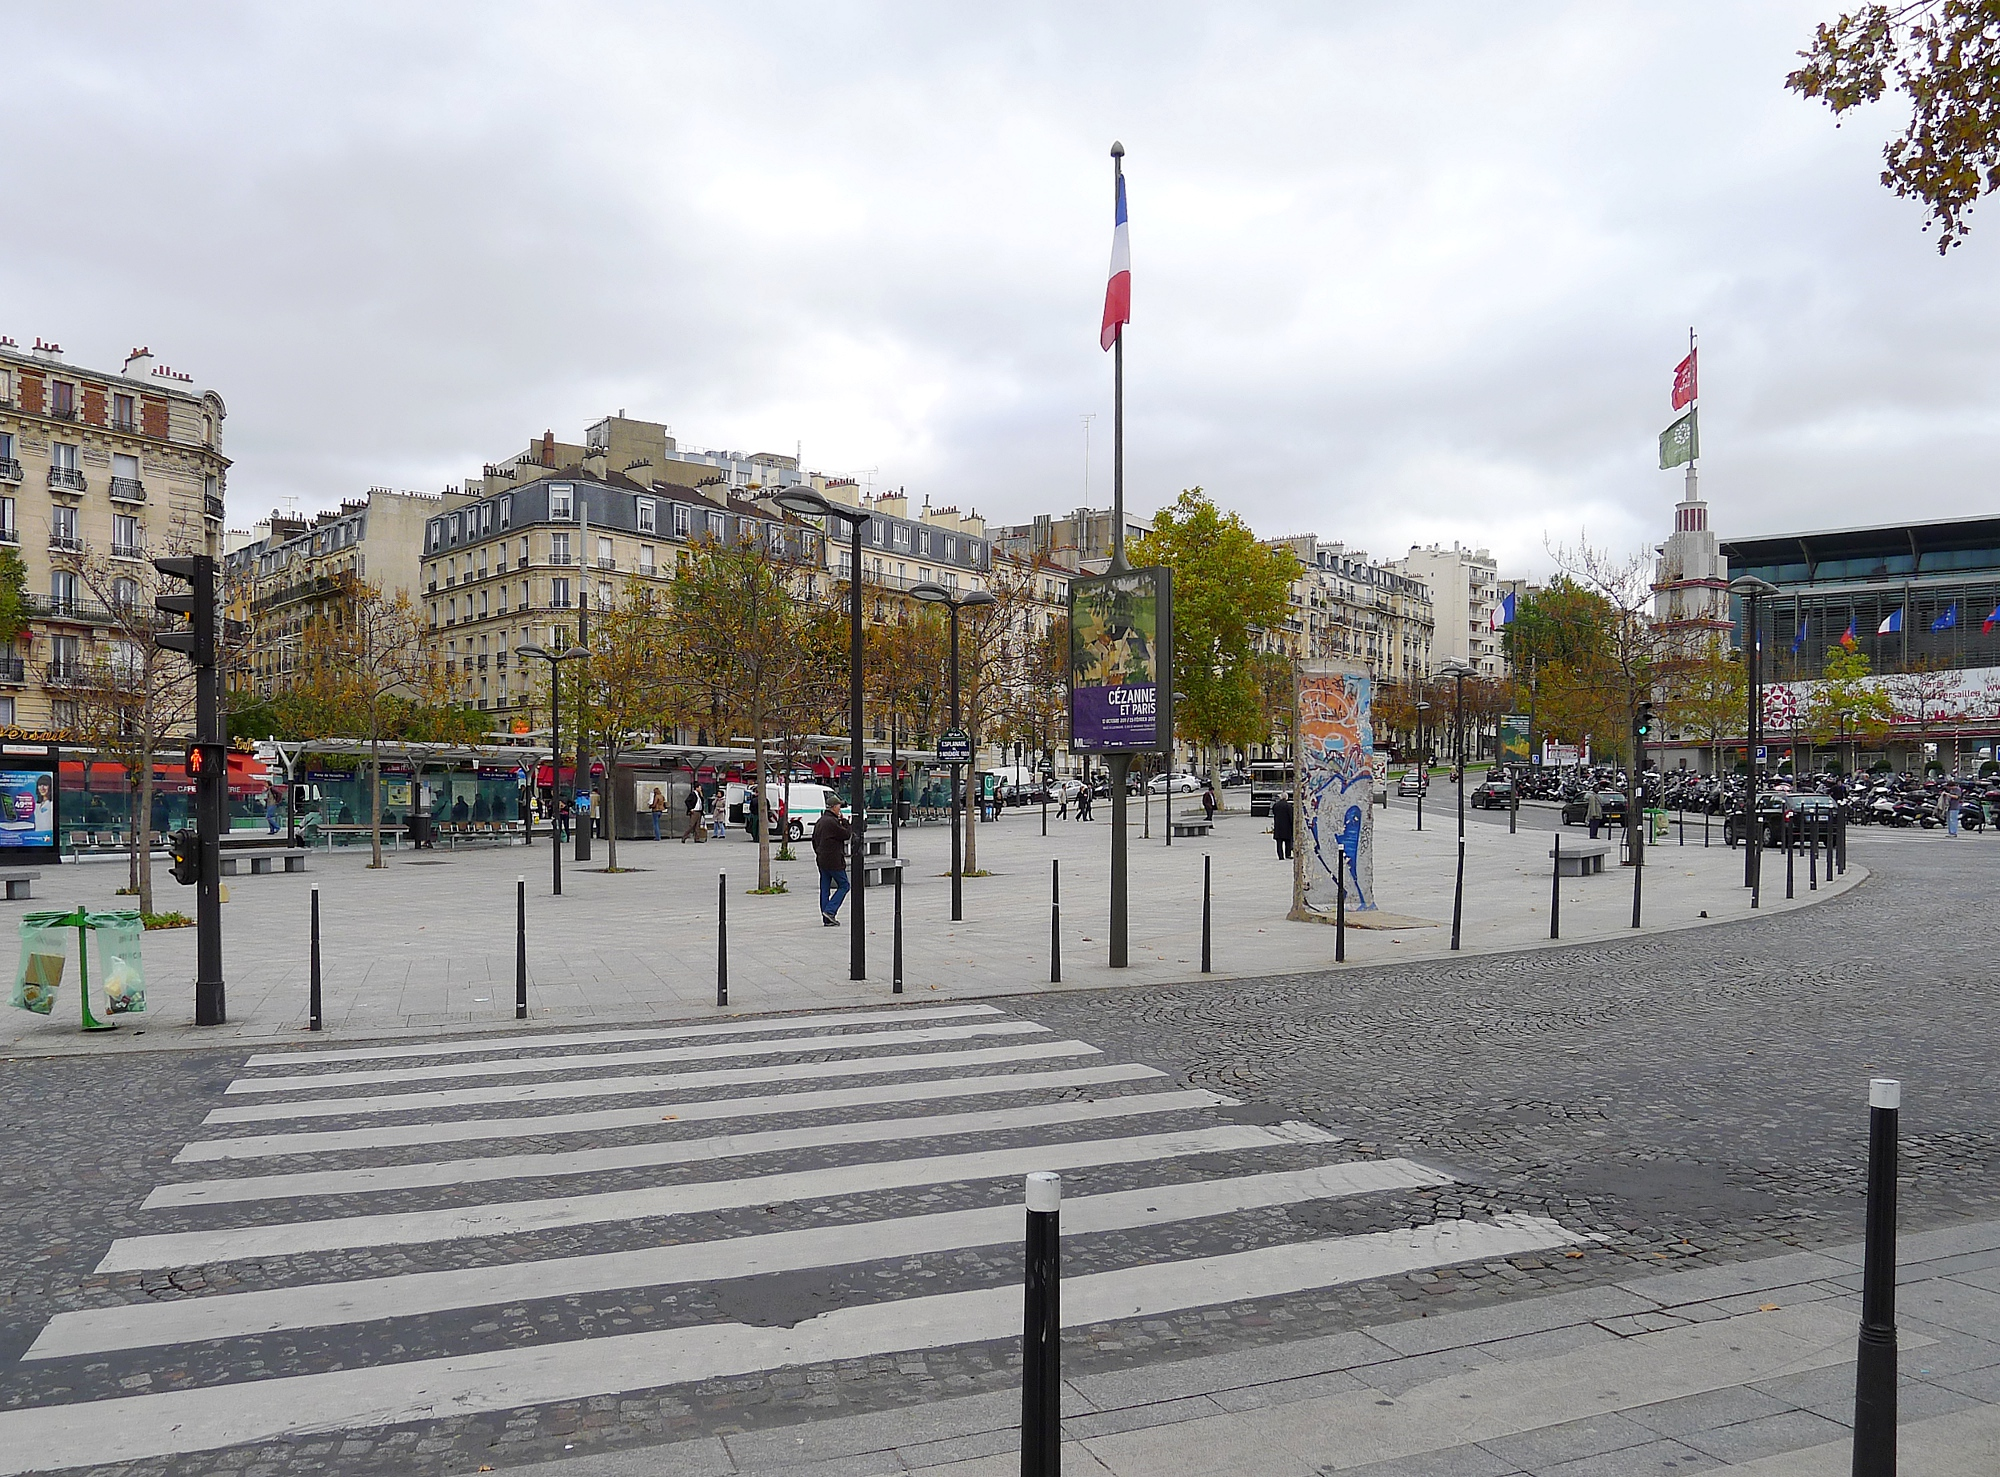 Porte de versailles wikiwand for Porte de versailles paris